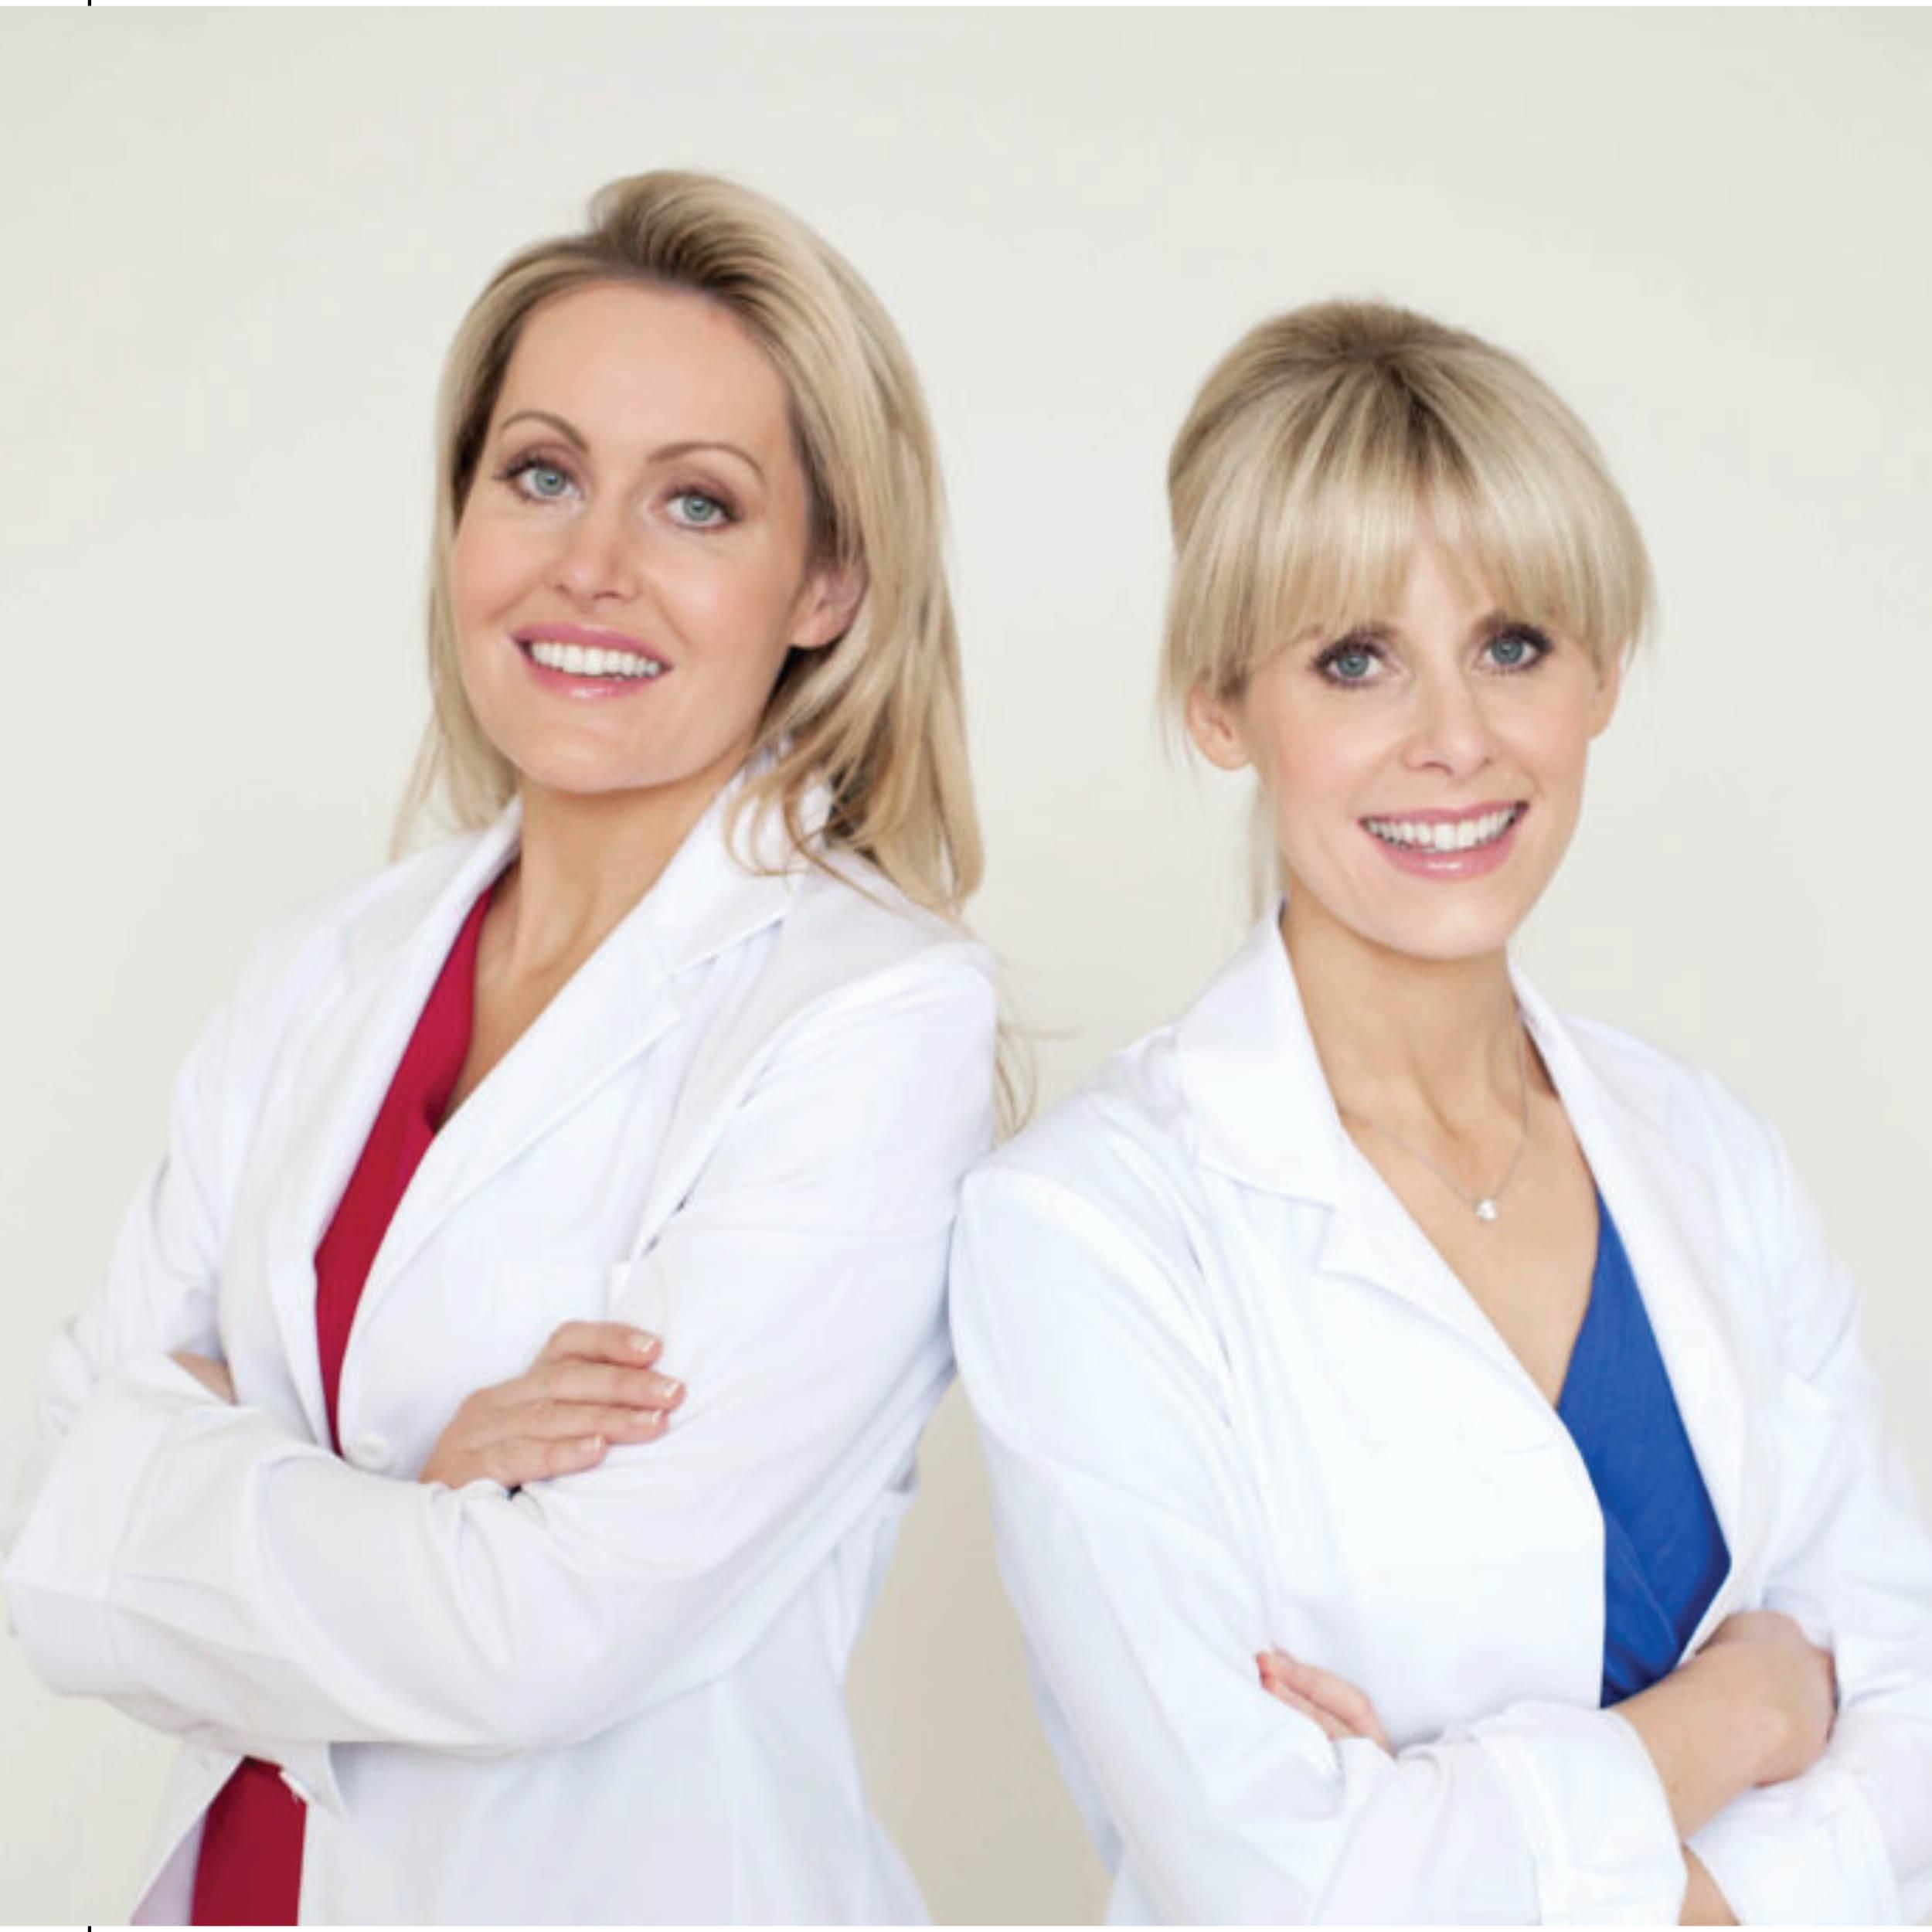 doctors-notitles7.jpg